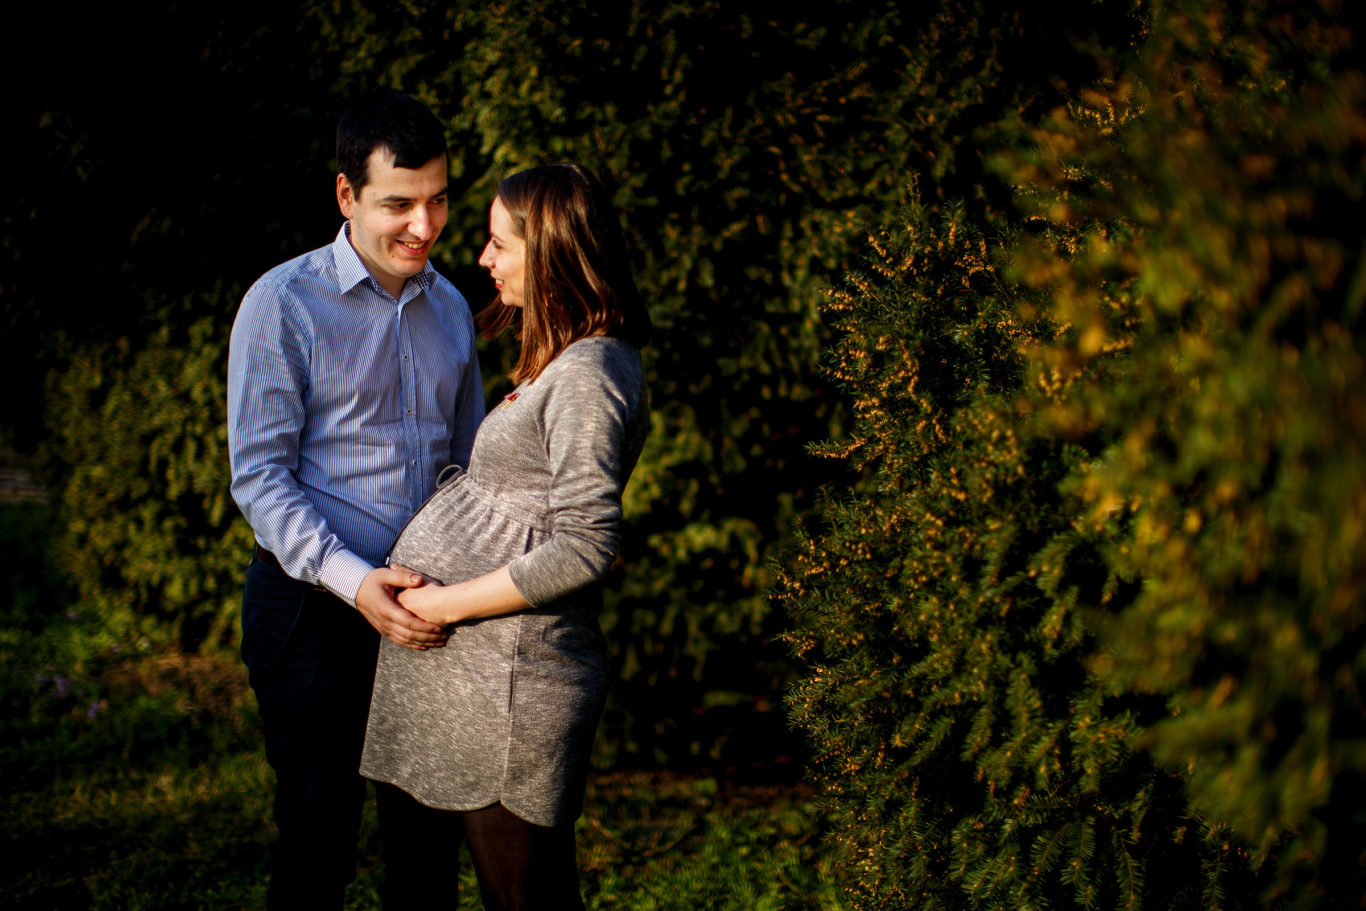 0087-Fotografii-maternitate-Cristina-fotograf-Ciprian-Dumitrescu-DCF_7817